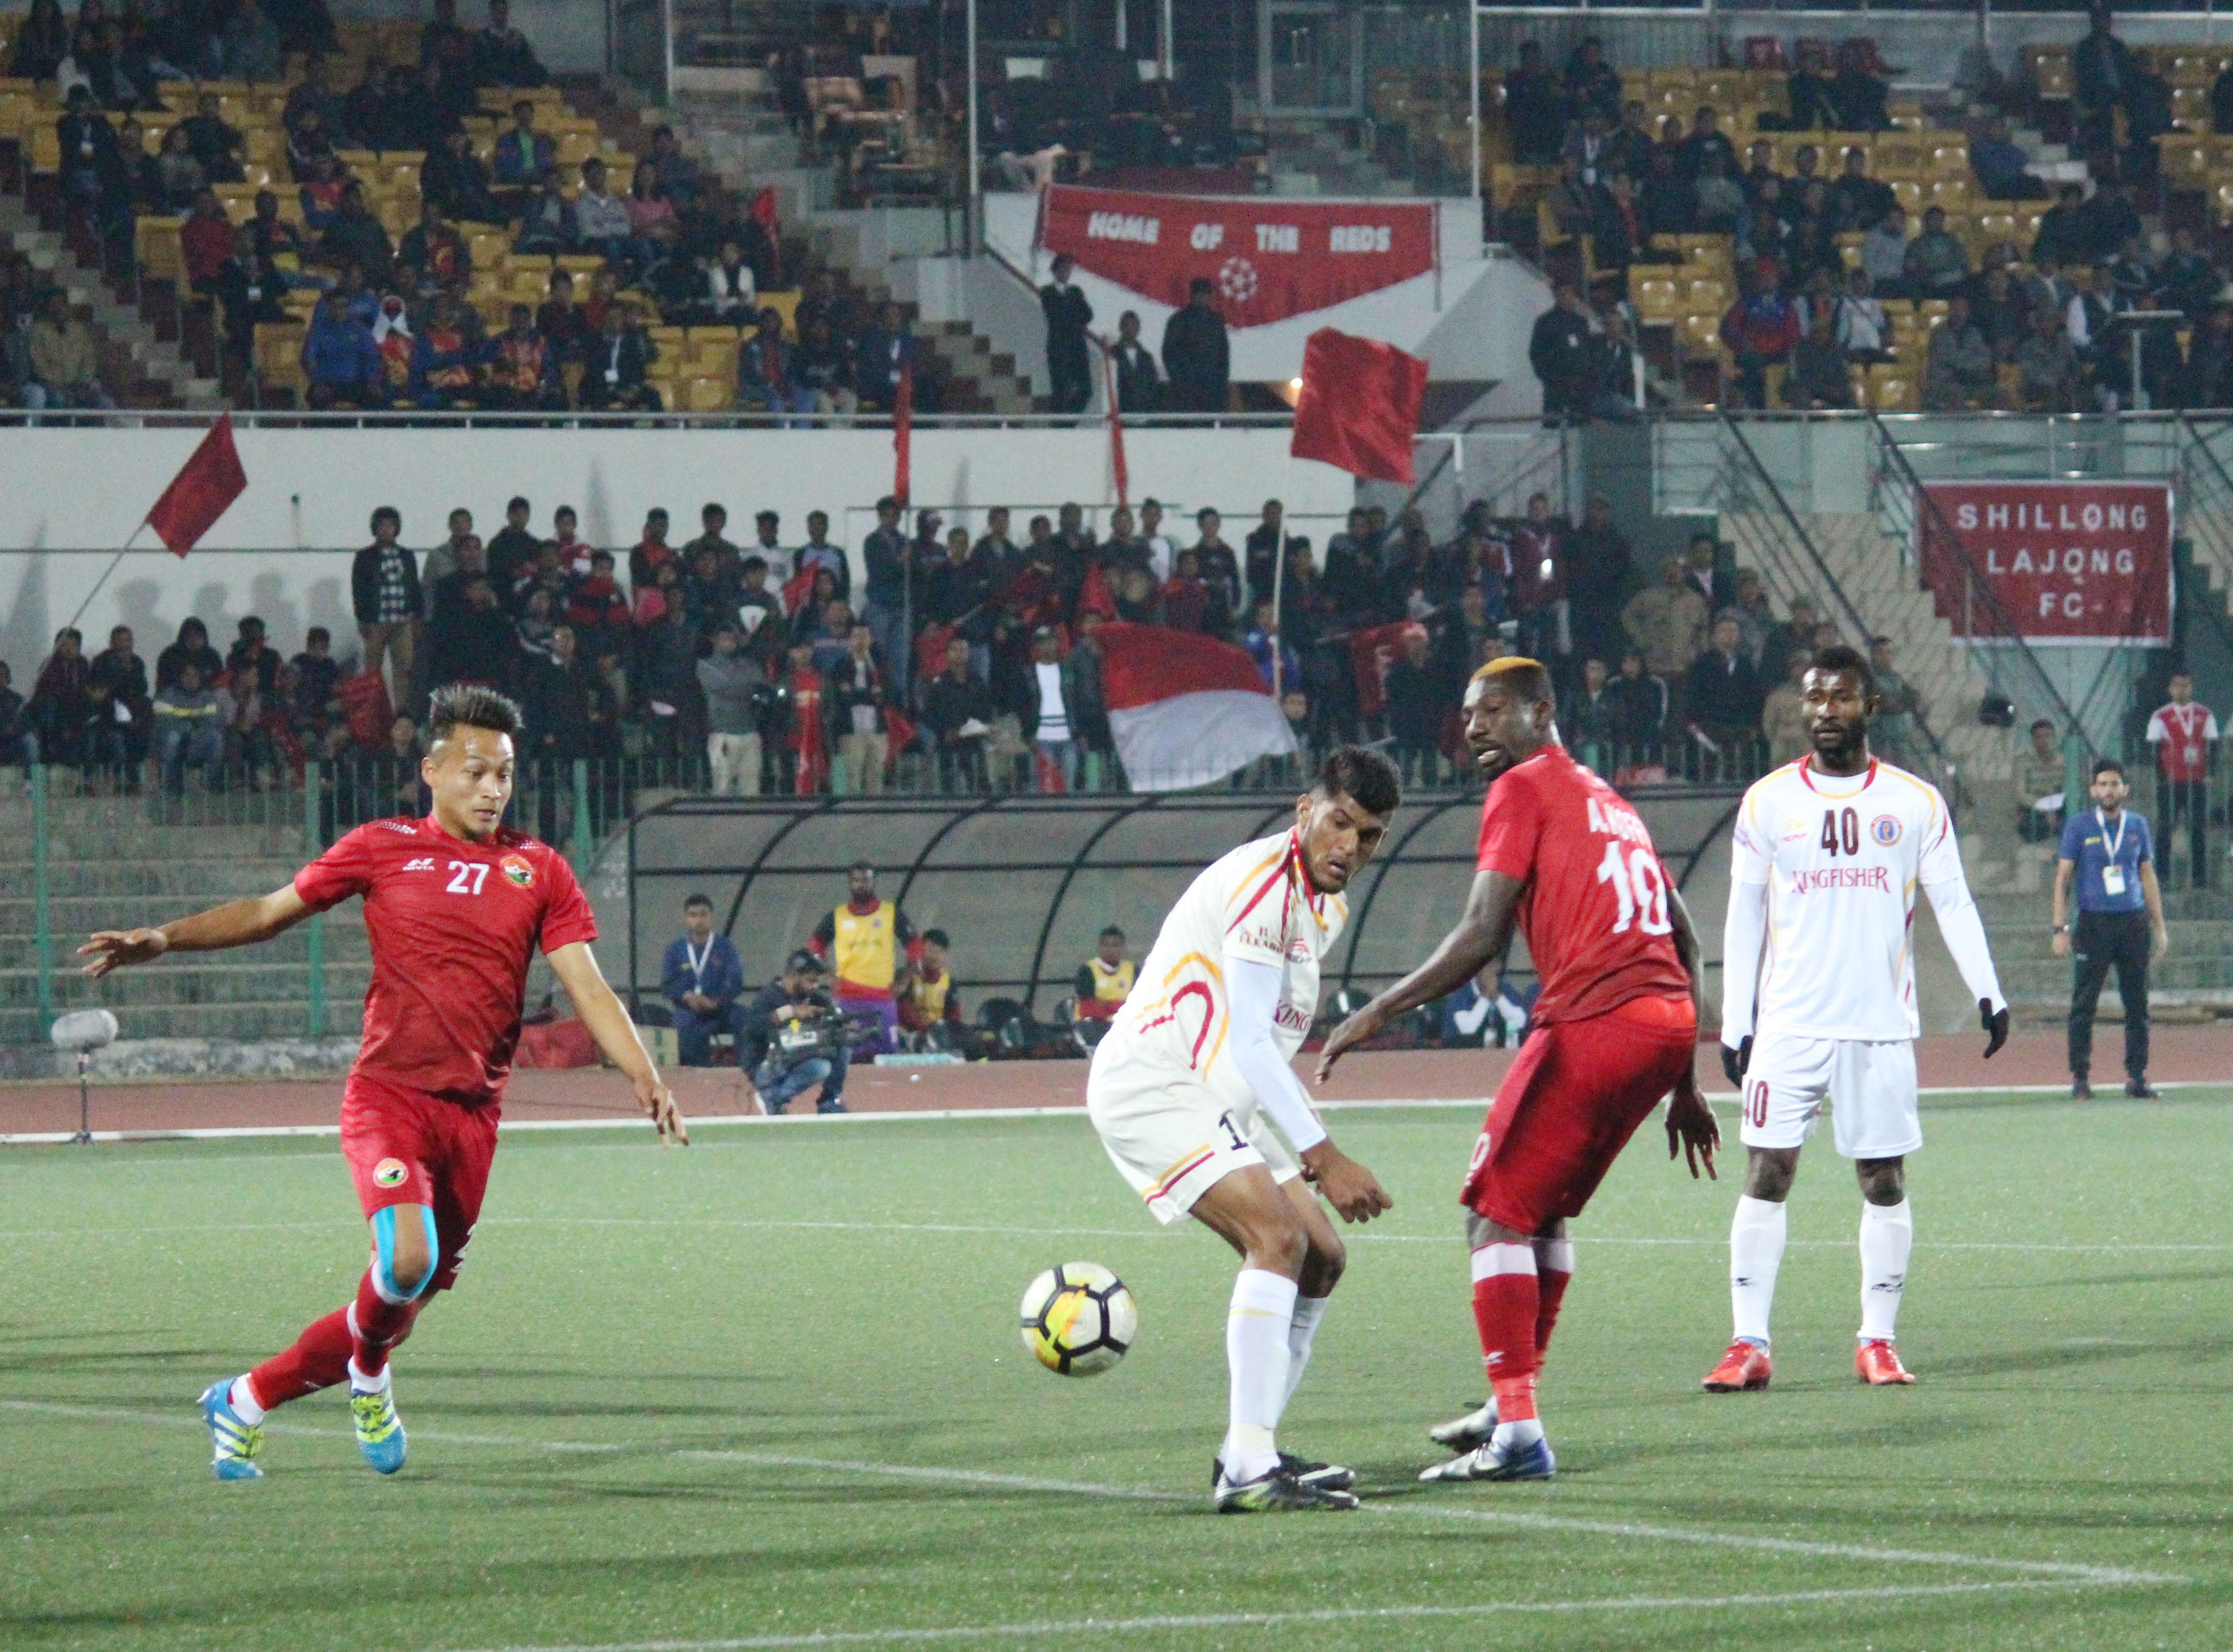 Report: Lajong vs East Bengal